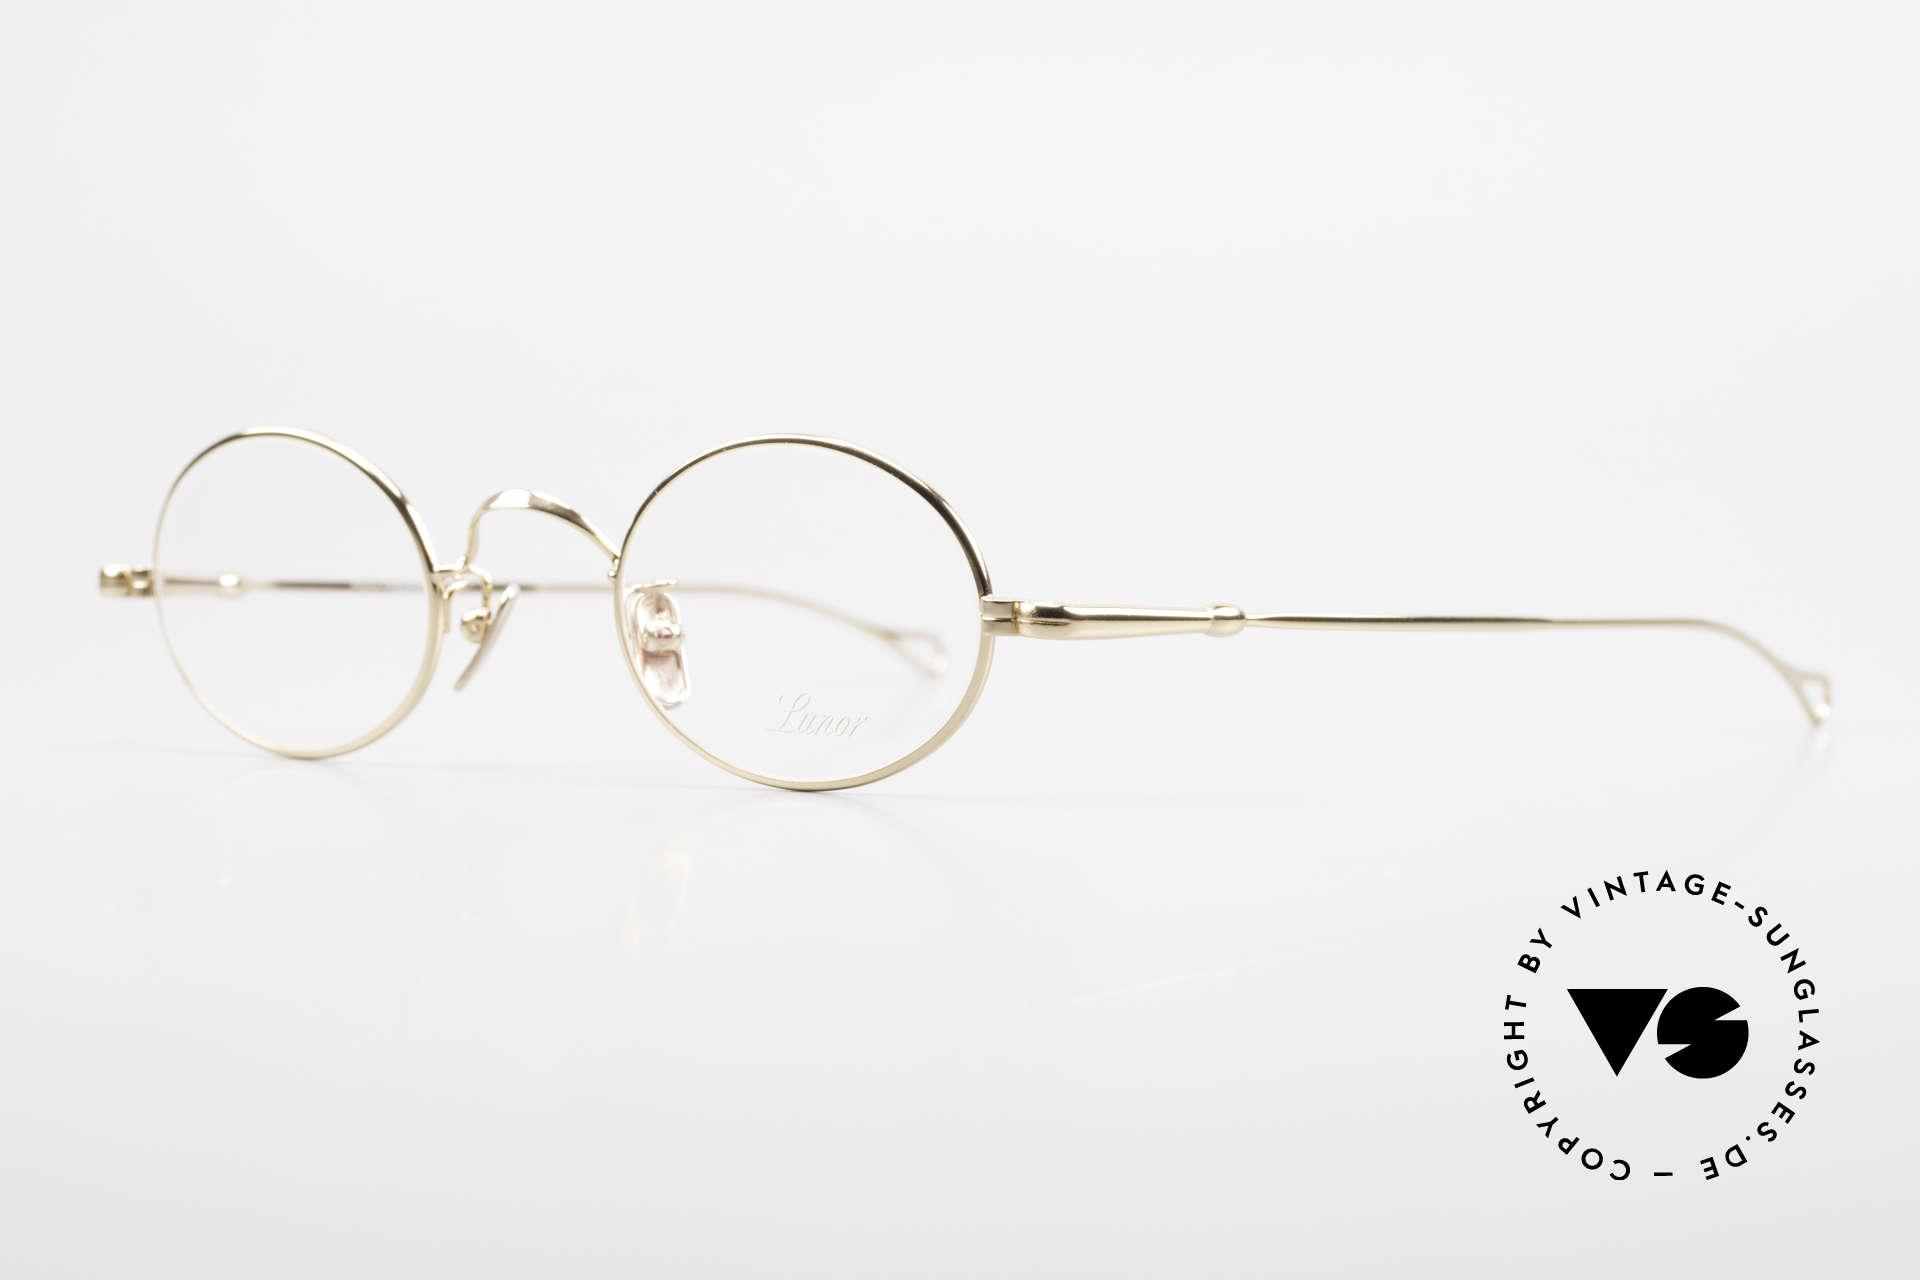 Lunor V 100 Oval Eyeglasses Gold Plated, model V100: timeless oval eyeglass-frame (unisex specs), Made for Men and Women